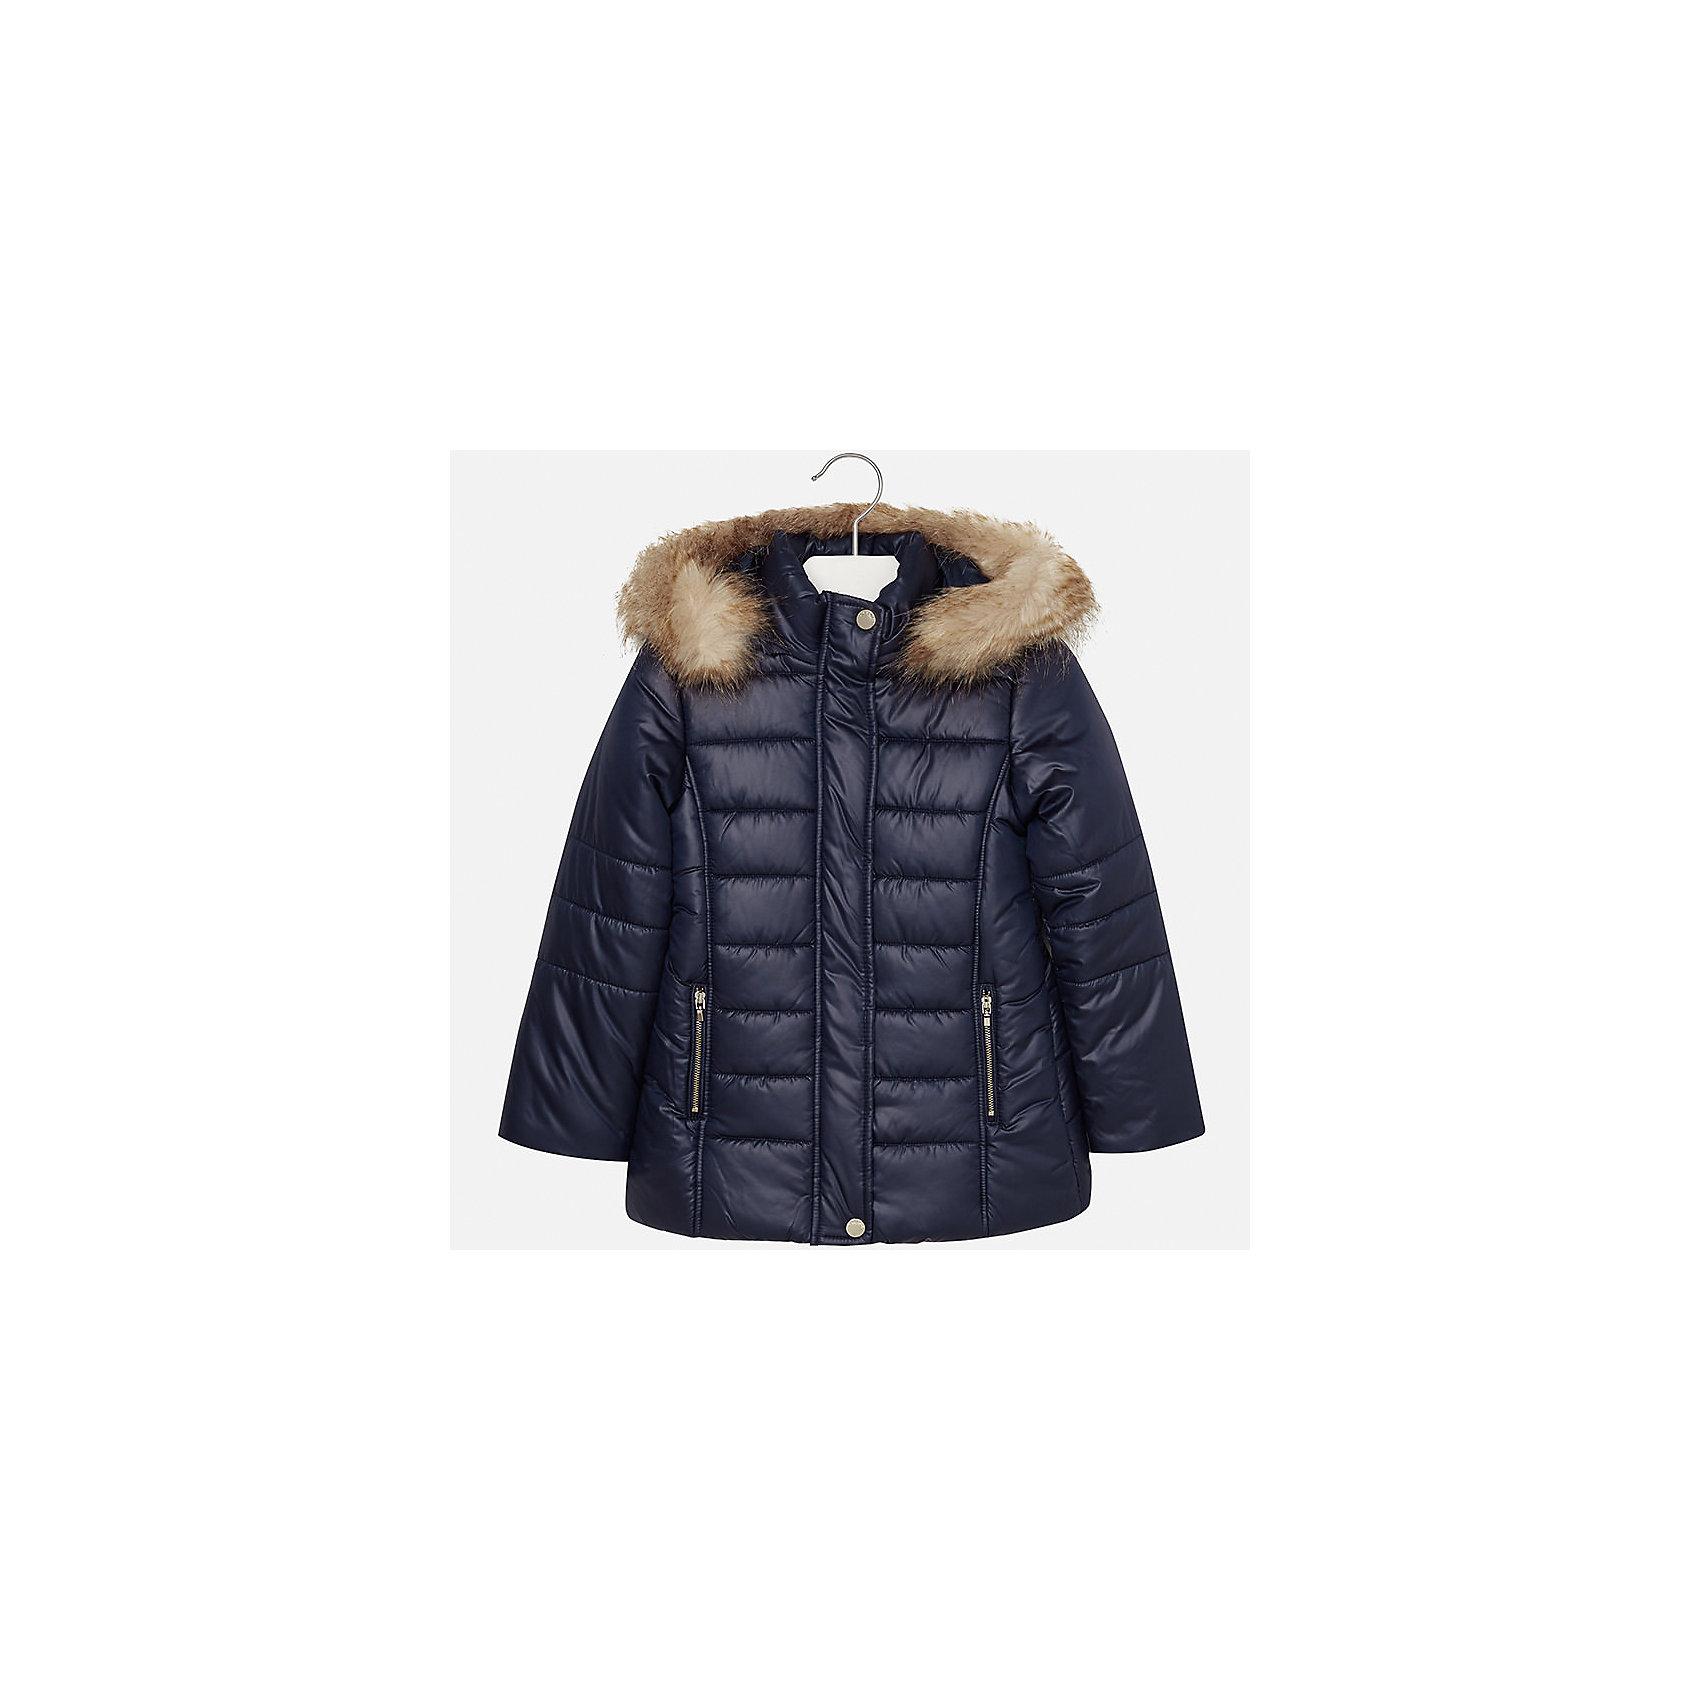 Куртка Mayoral для девочкиДемисезонные куртки<br>Характеристики товара:<br><br>• цвет: синий<br>• состав ткани: 100% полиэстер, подклад - 100% полиэстер, утеплитель - 100% полиэстер<br>• застежка: молния<br>• капюшон с опушкой<br>• сезон: зима<br>• температурный режим: от 0 до -10<br>• страна бренда: Испания<br>• страна изготовитель: Индия<br><br>Синяя стильная куртка с опушкой для девочки от Майорал поможет обеспечить тепло и комфорт. Эффектная детская куртка отличается удлиненным силуэтом и наличием капюшона. <br><br>Детская одежда от испанской компании Mayoral отличаются оригинальным и всегда стильным дизайном. Качество продукции неизменно очень высокое.<br><br>Куртку для девочки Mayoral (Майорал) можно купить в нашем интернет-магазине.<br><br>Ширина мм: 356<br>Глубина мм: 10<br>Высота мм: 245<br>Вес г: 519<br>Цвет: синий<br>Возраст от месяцев: 168<br>Возраст до месяцев: 180<br>Пол: Женский<br>Возраст: Детский<br>Размер: 170,128/134,140,152,158,164<br>SKU: 6922080